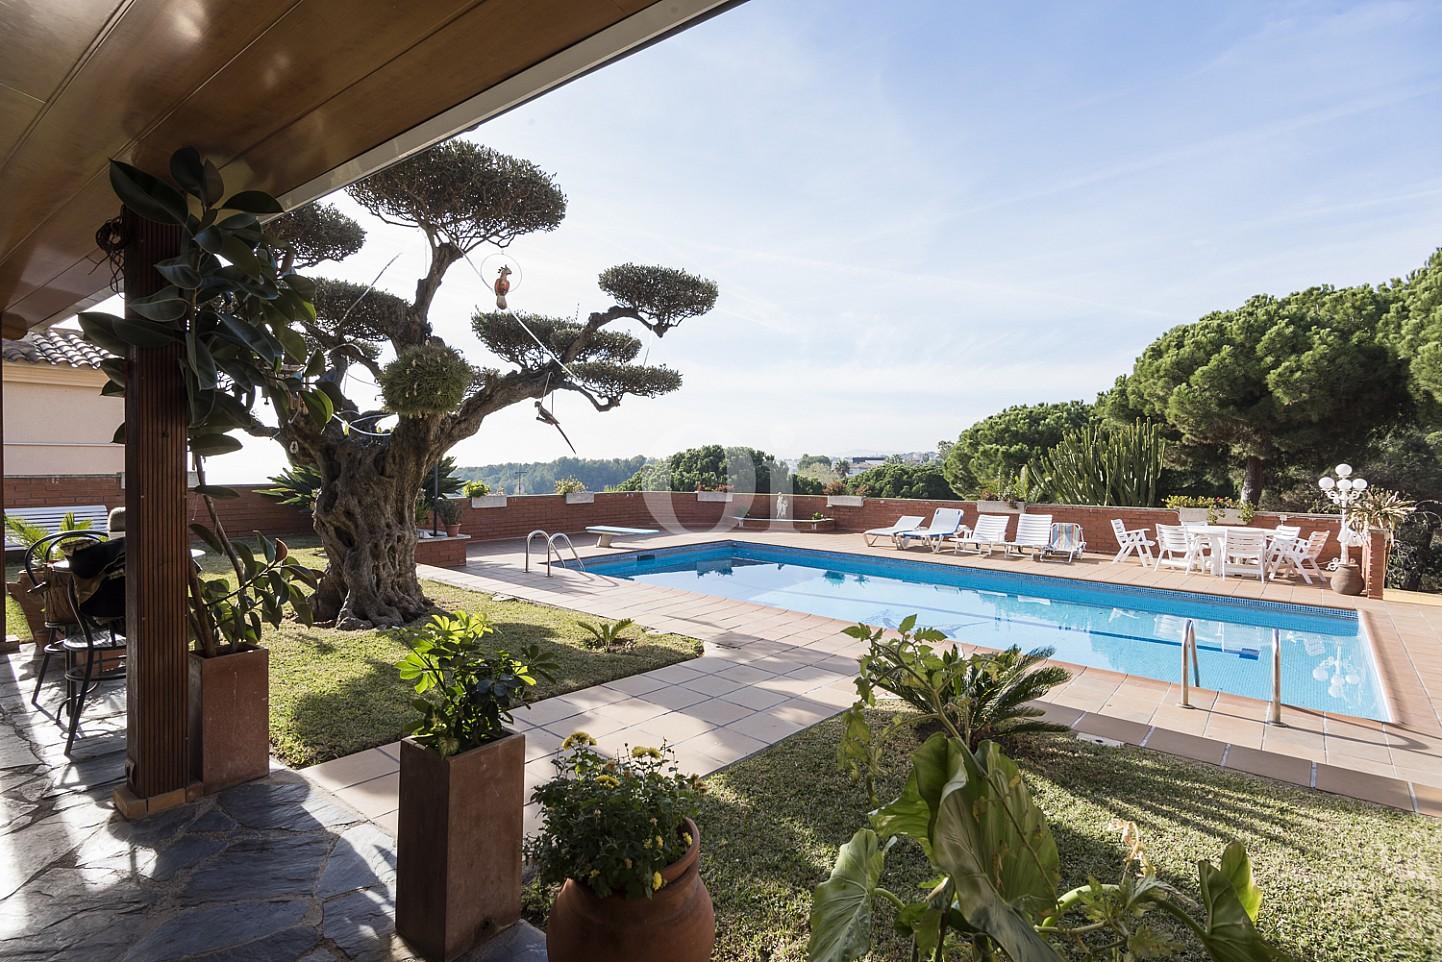 Шикарный сад с бассейном дома на продажу в Премья де Далт